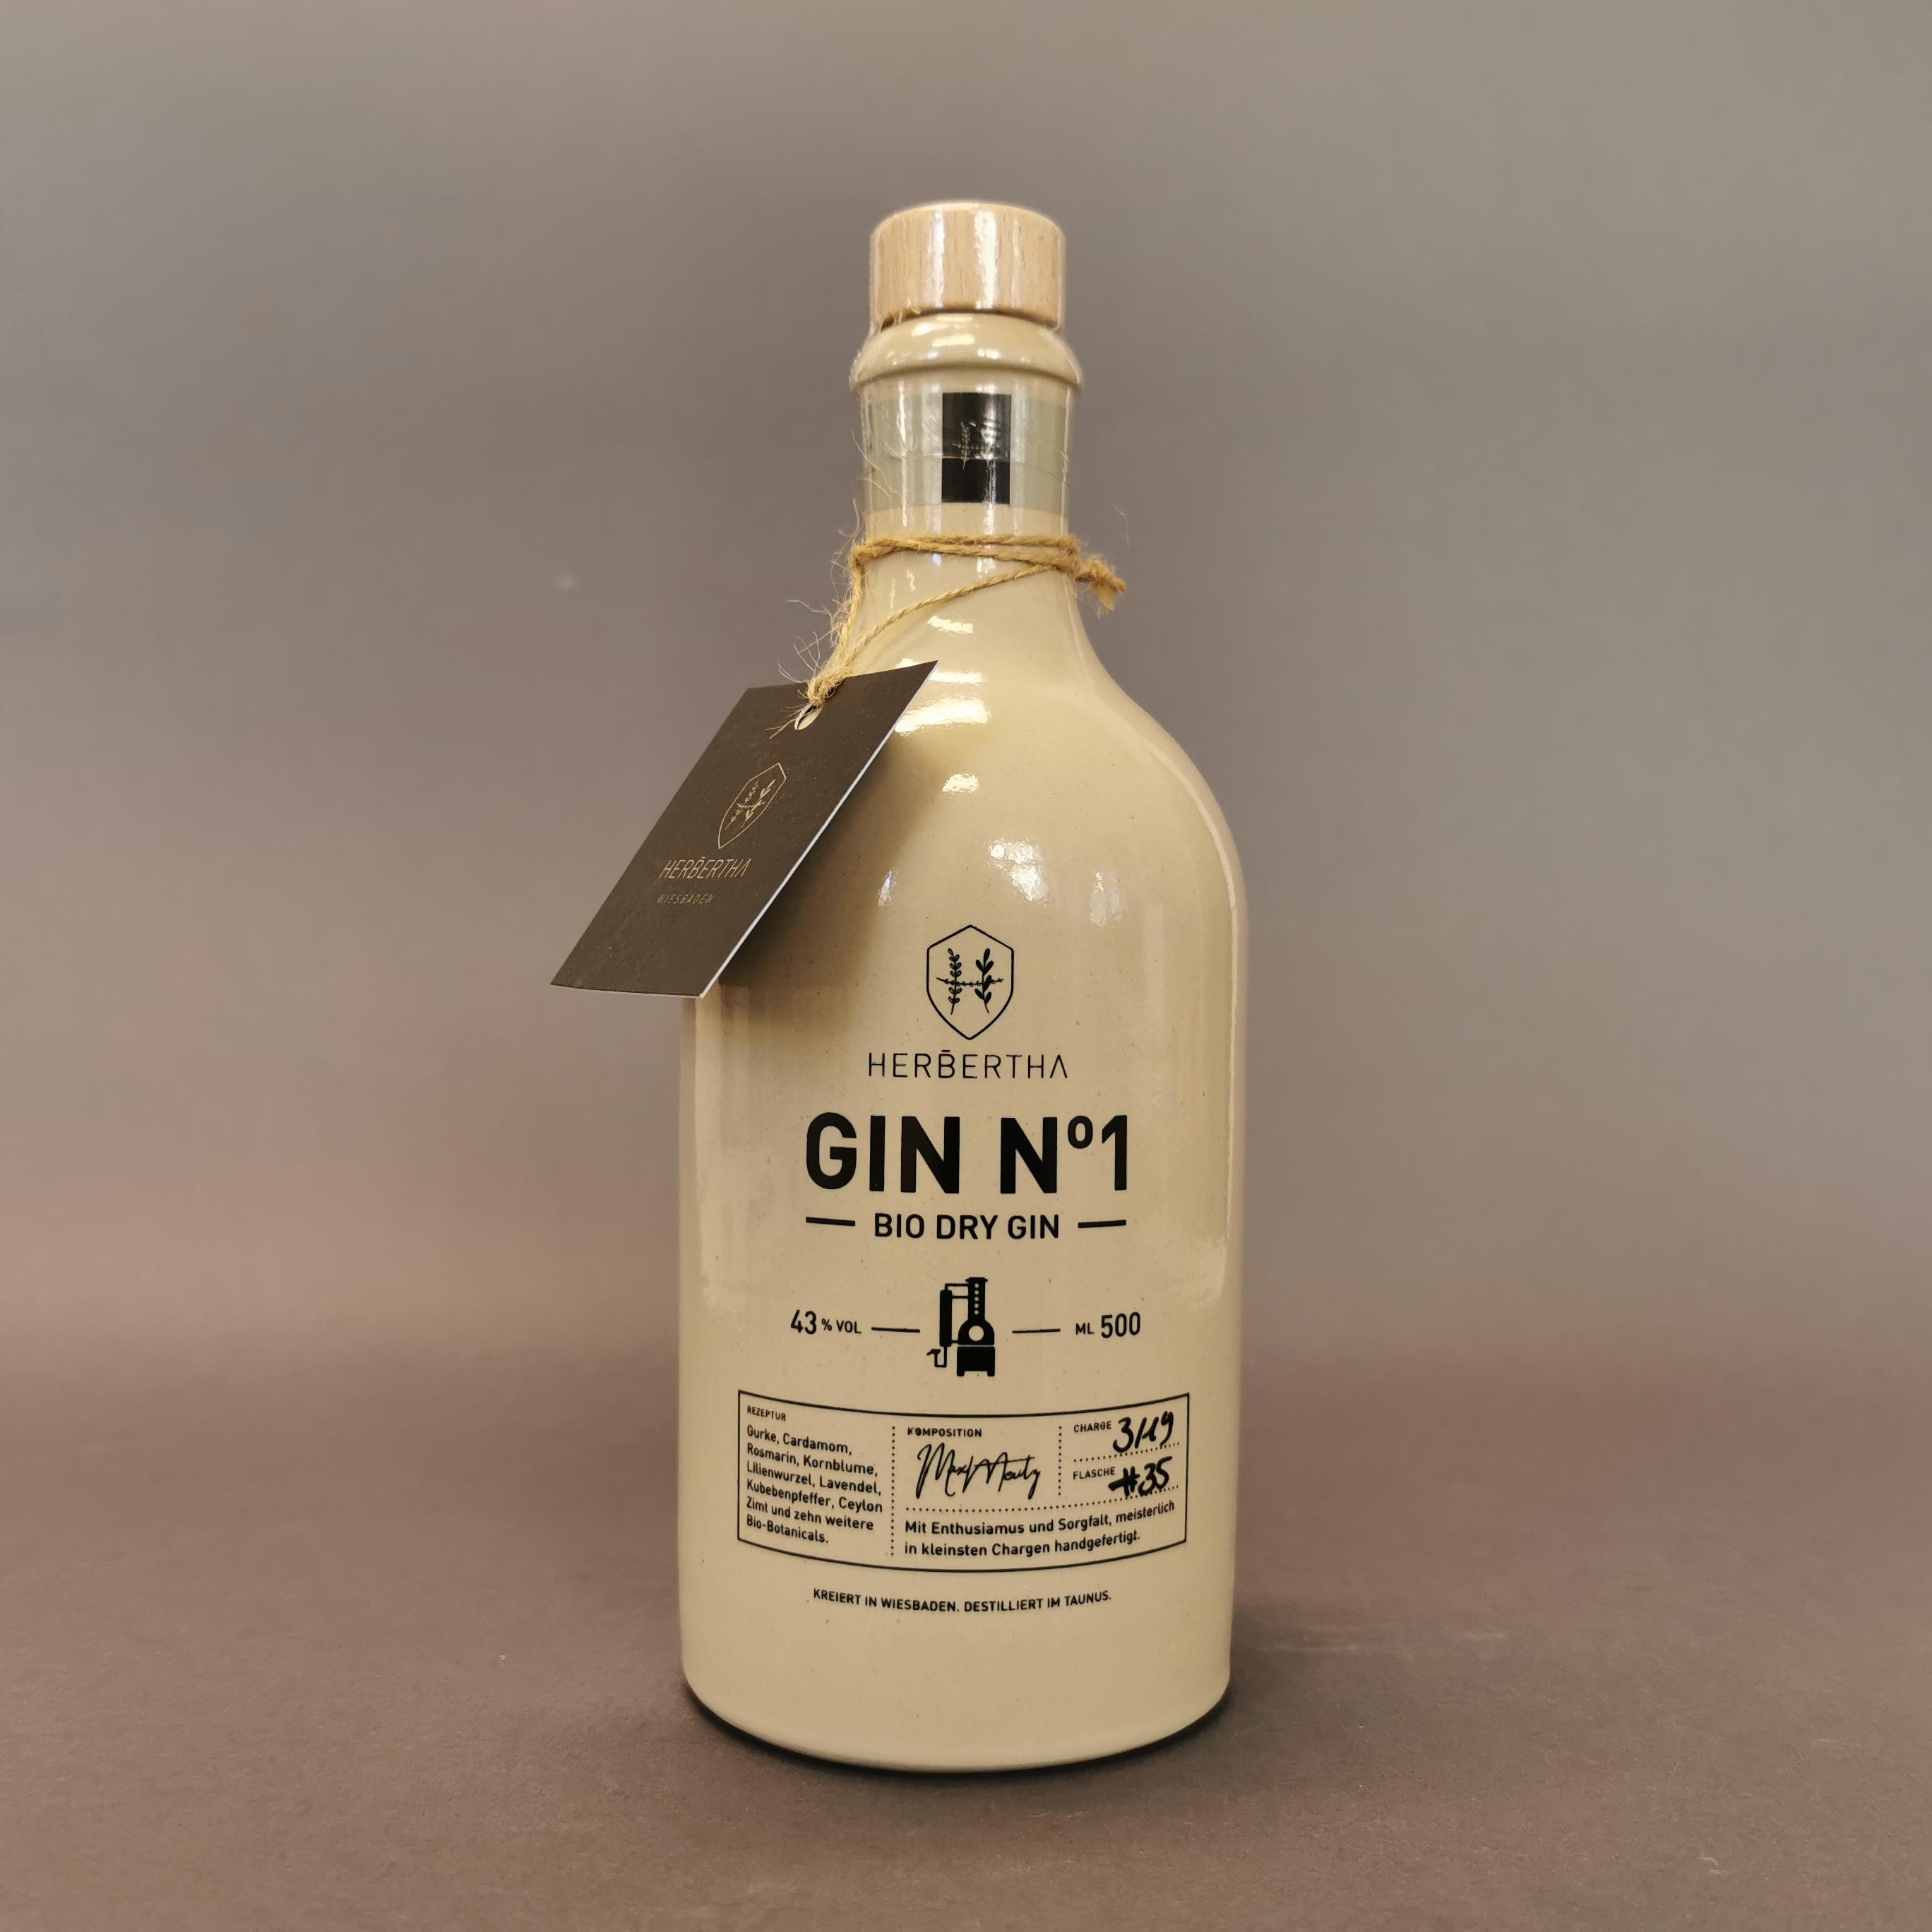 Herbertha Gin N°1